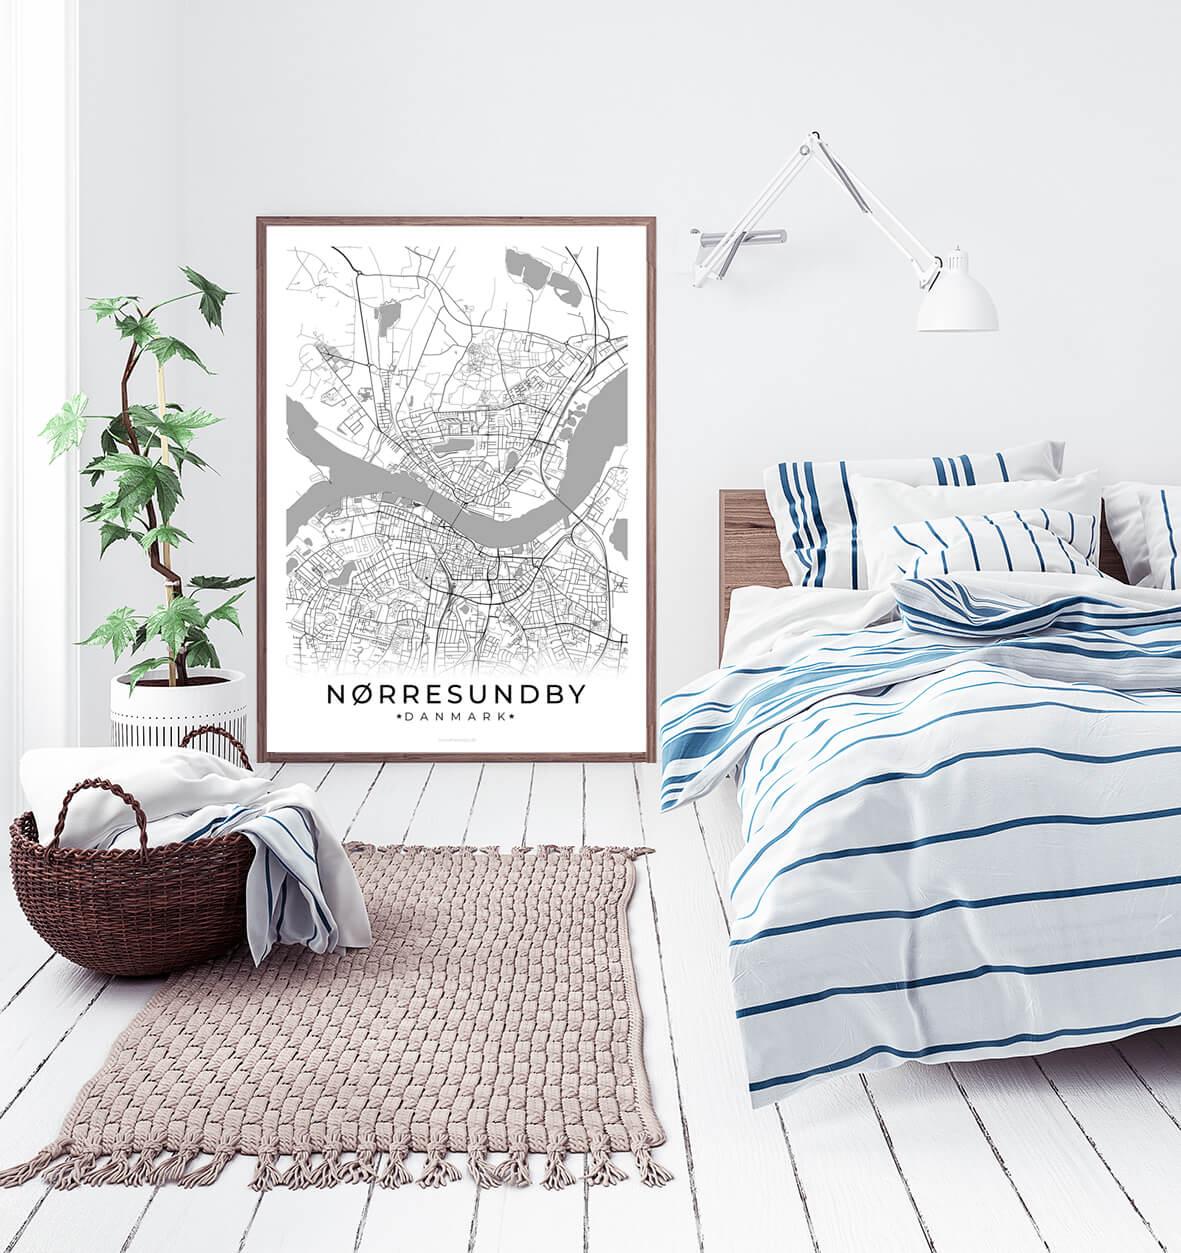 Noerresundby-hvid-byplakat-2